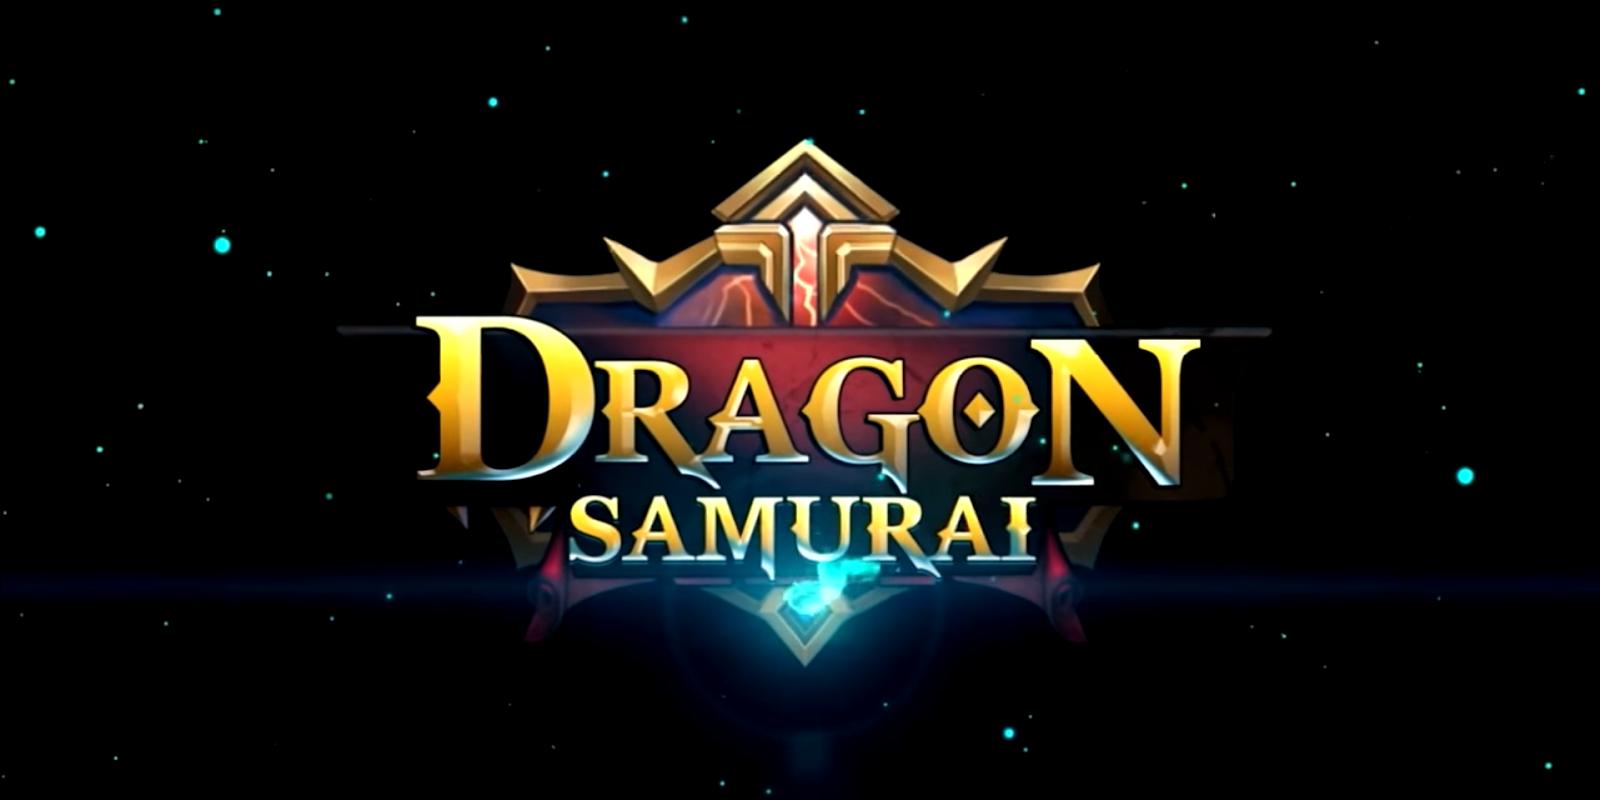 Dragon Samurai Resmi Hadir di Indonesia